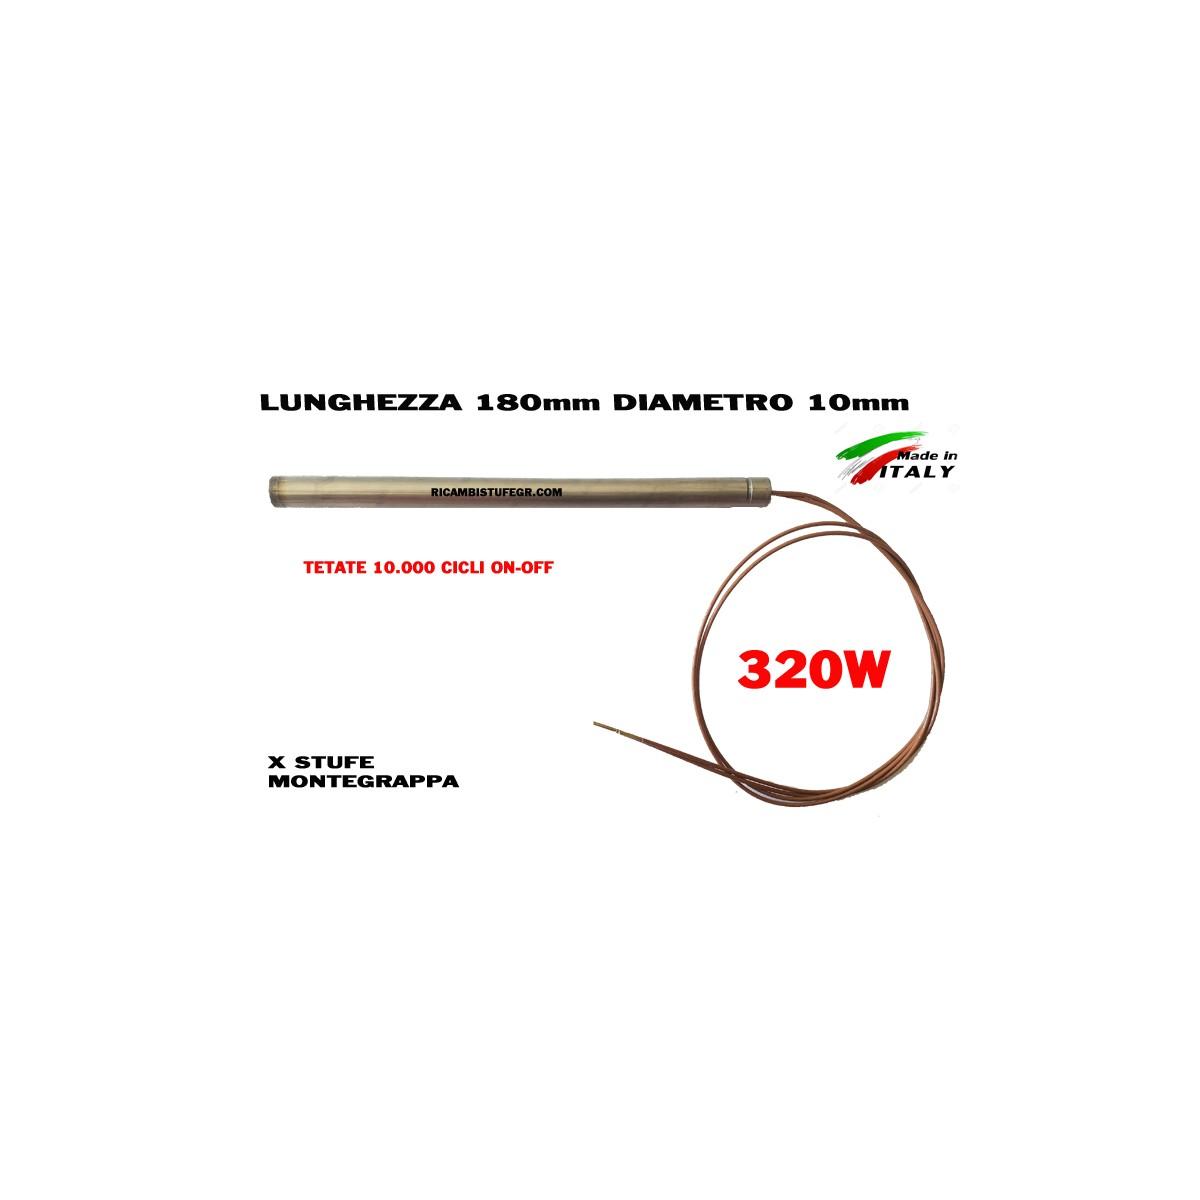 CANDELETTA 10X175 320W DAL ZOTTO THERMOROSSI